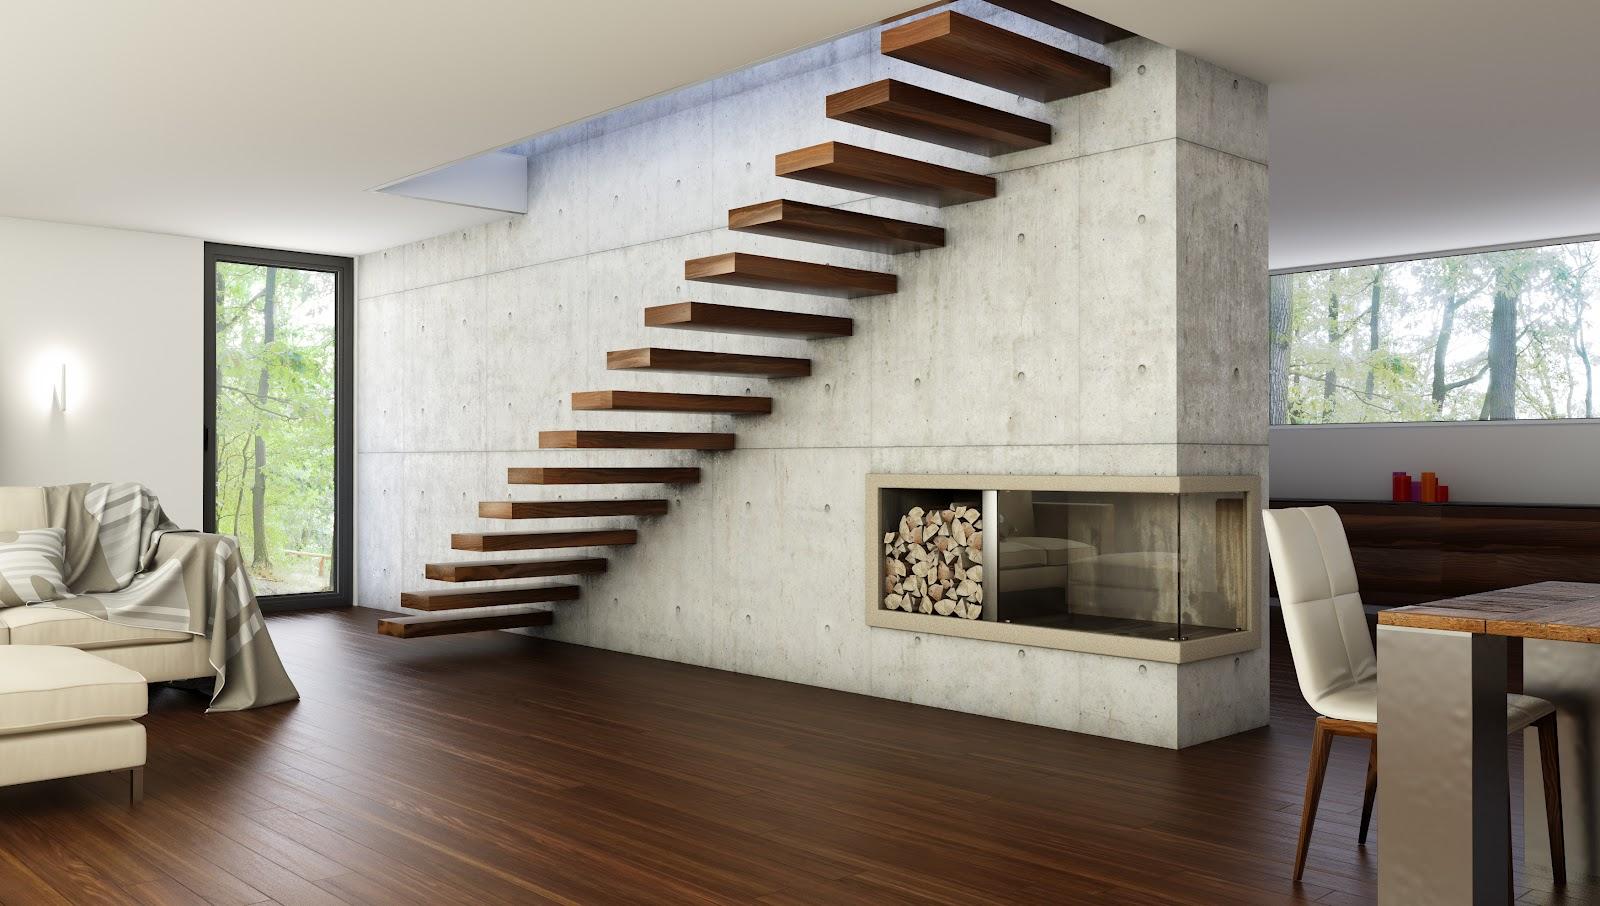 Interbau srl treppen wie for Modelos de escaleras internas para casas